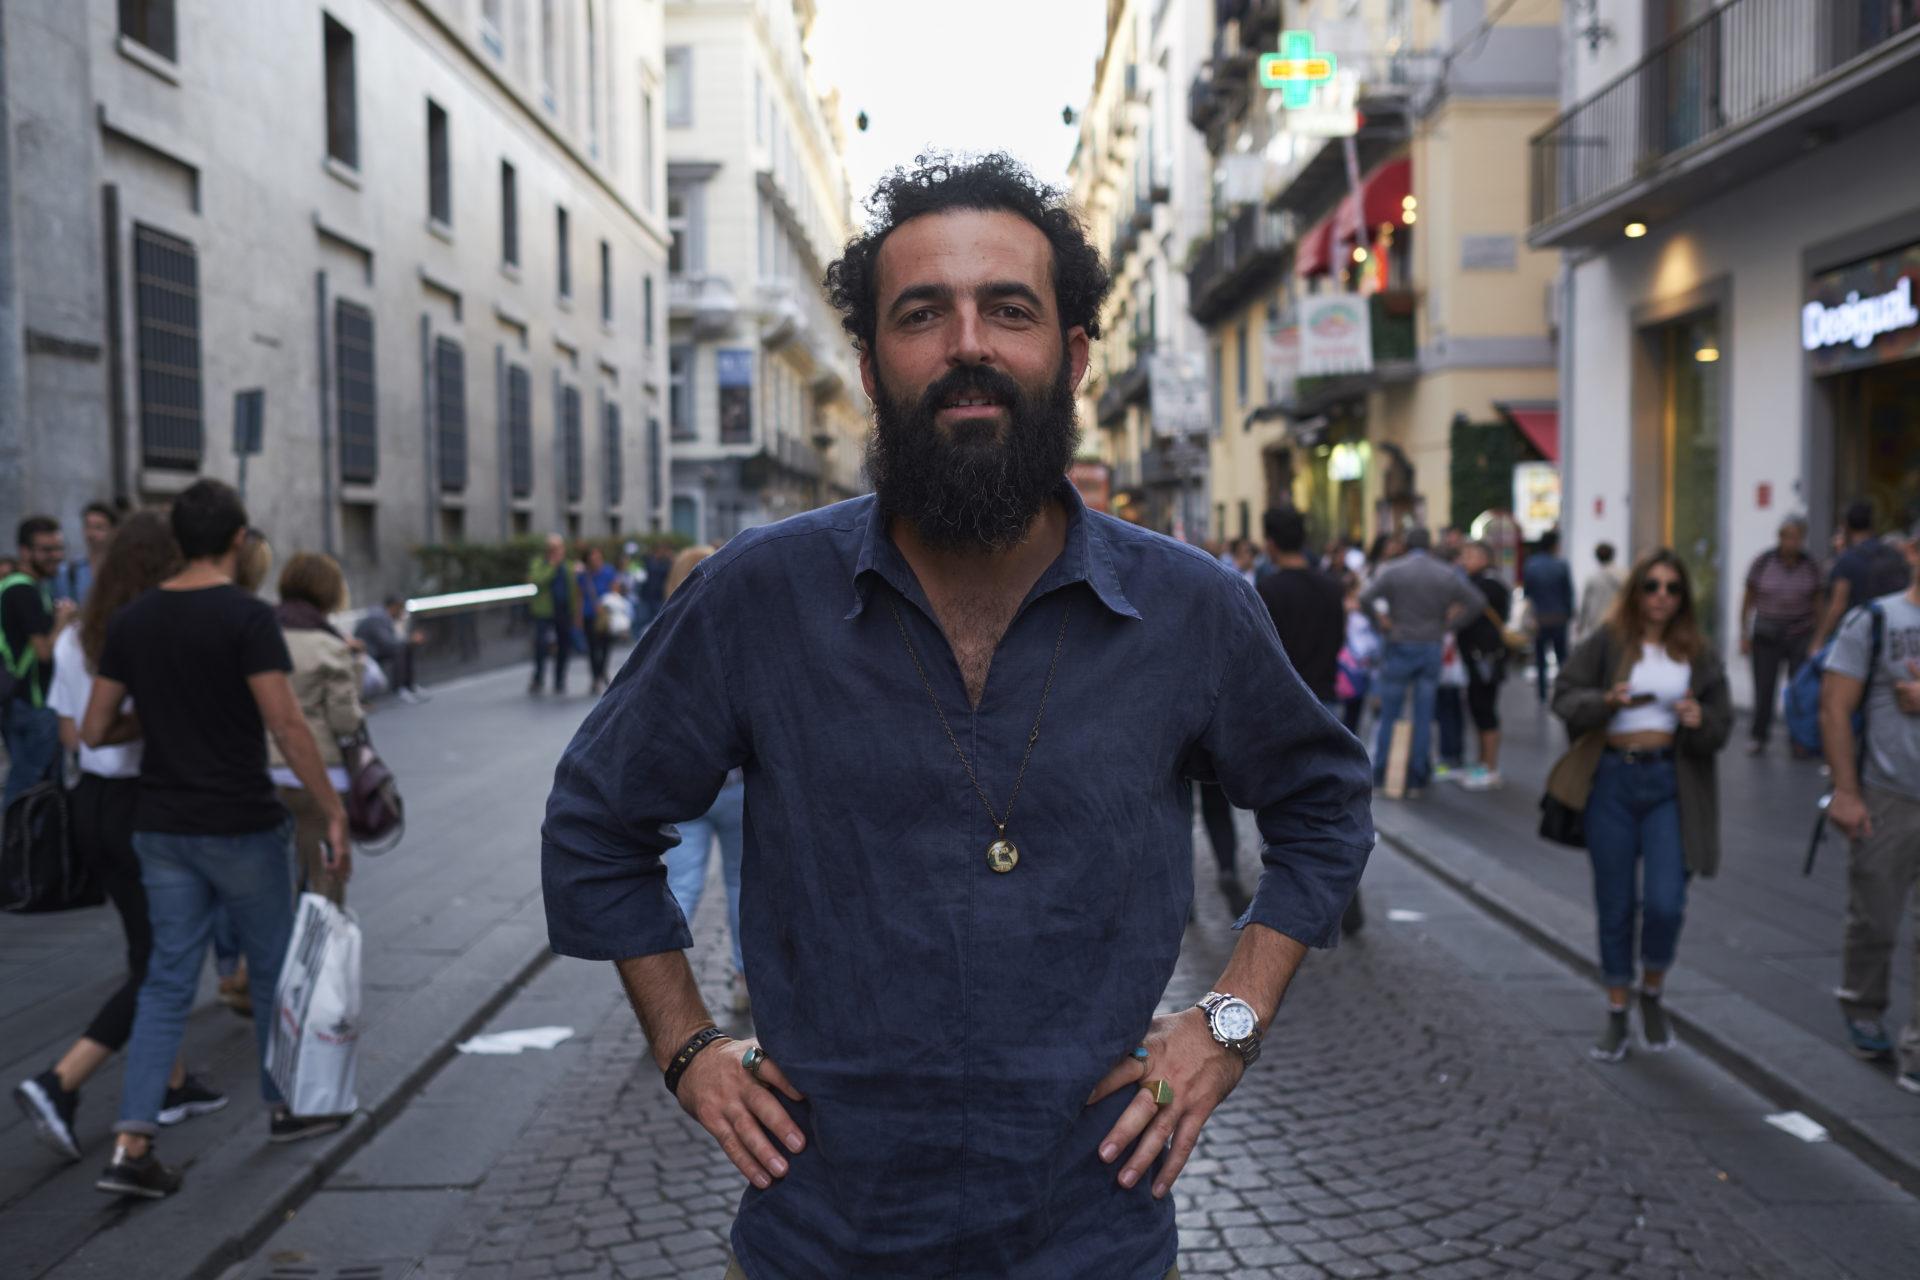 Gianni #654